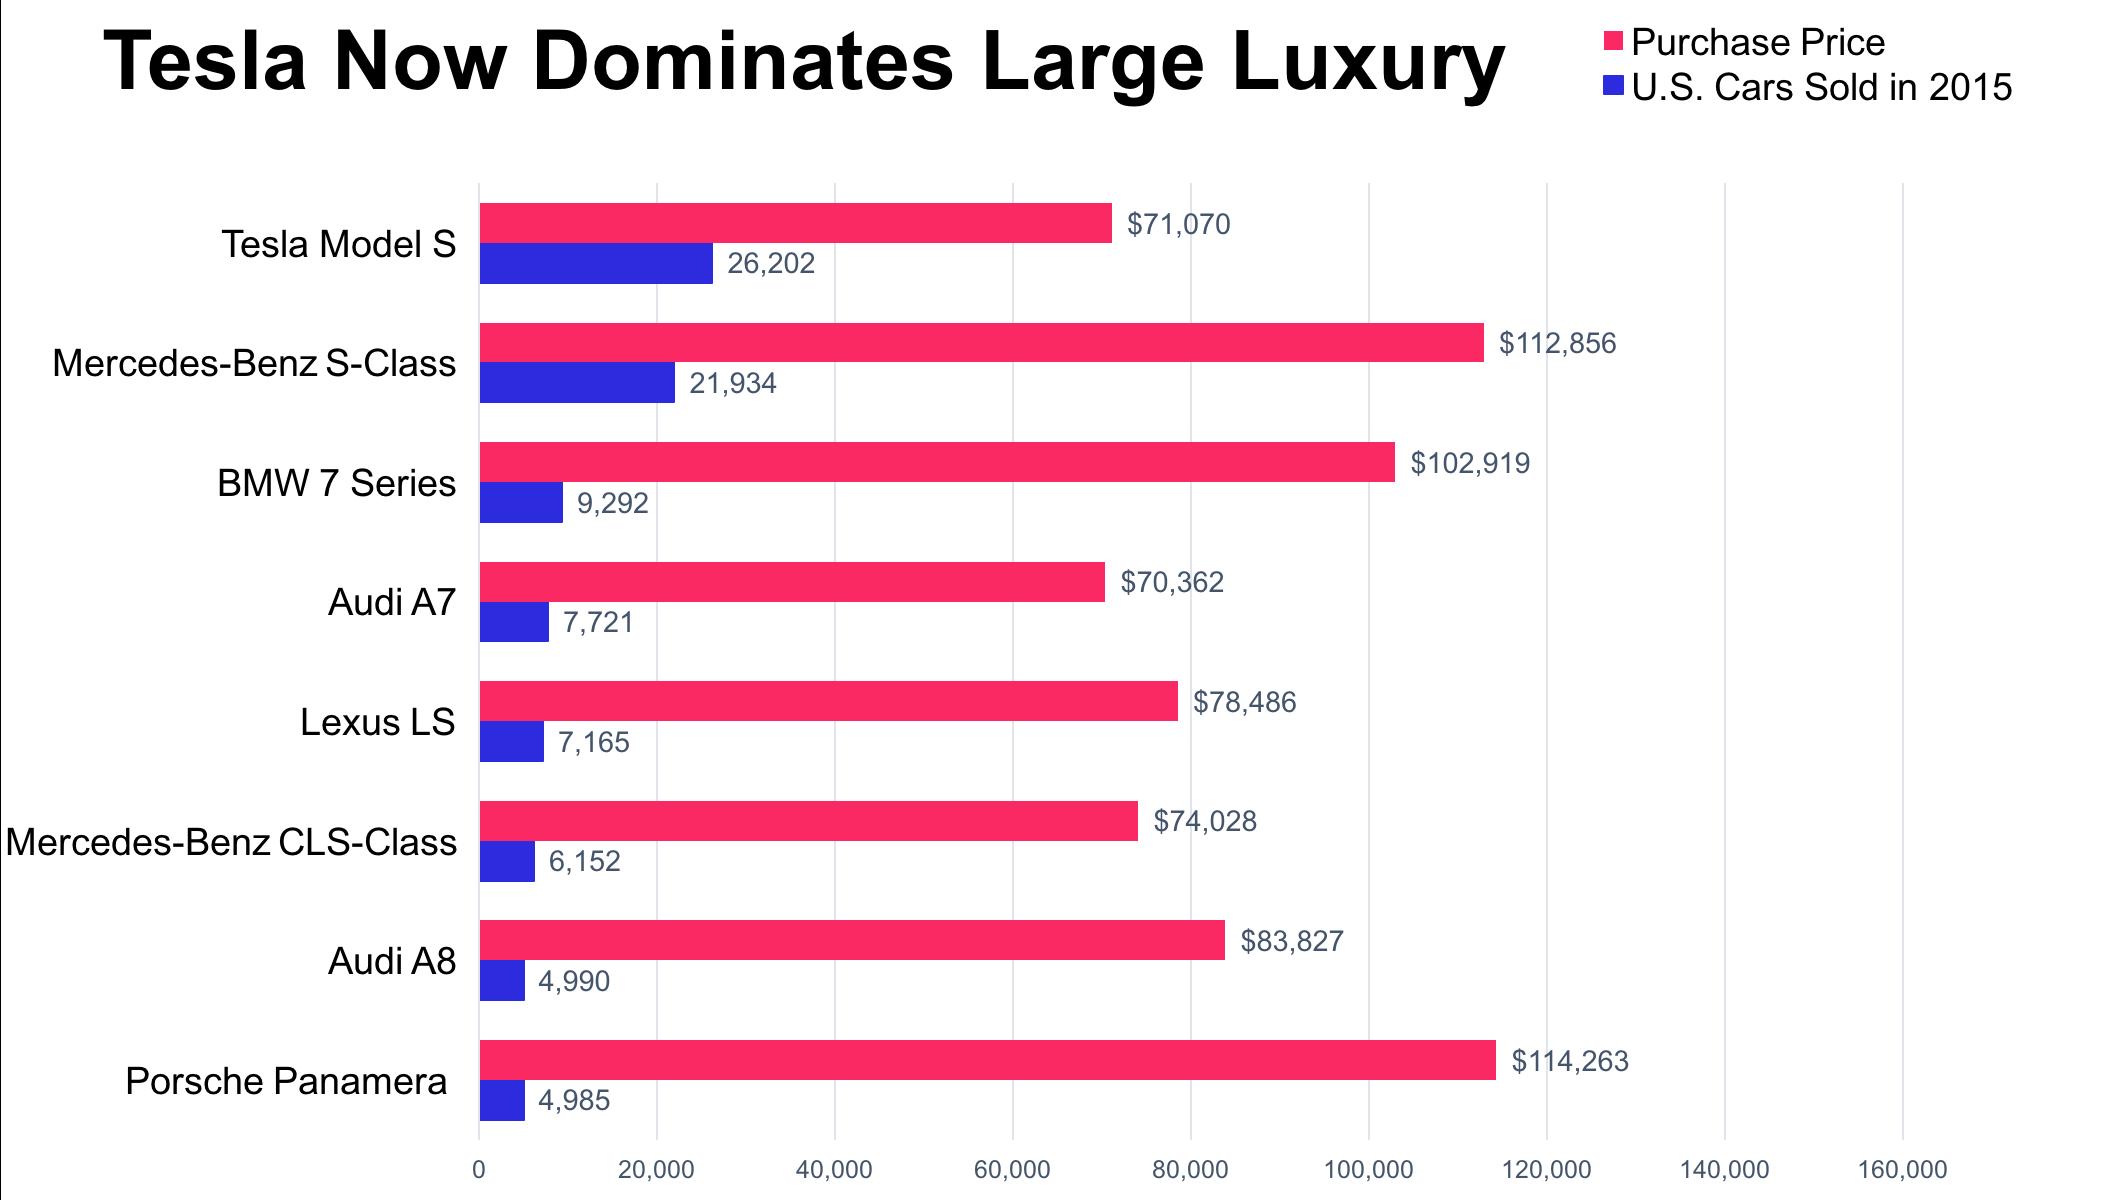 Lusury car sales in US via Bloomberg